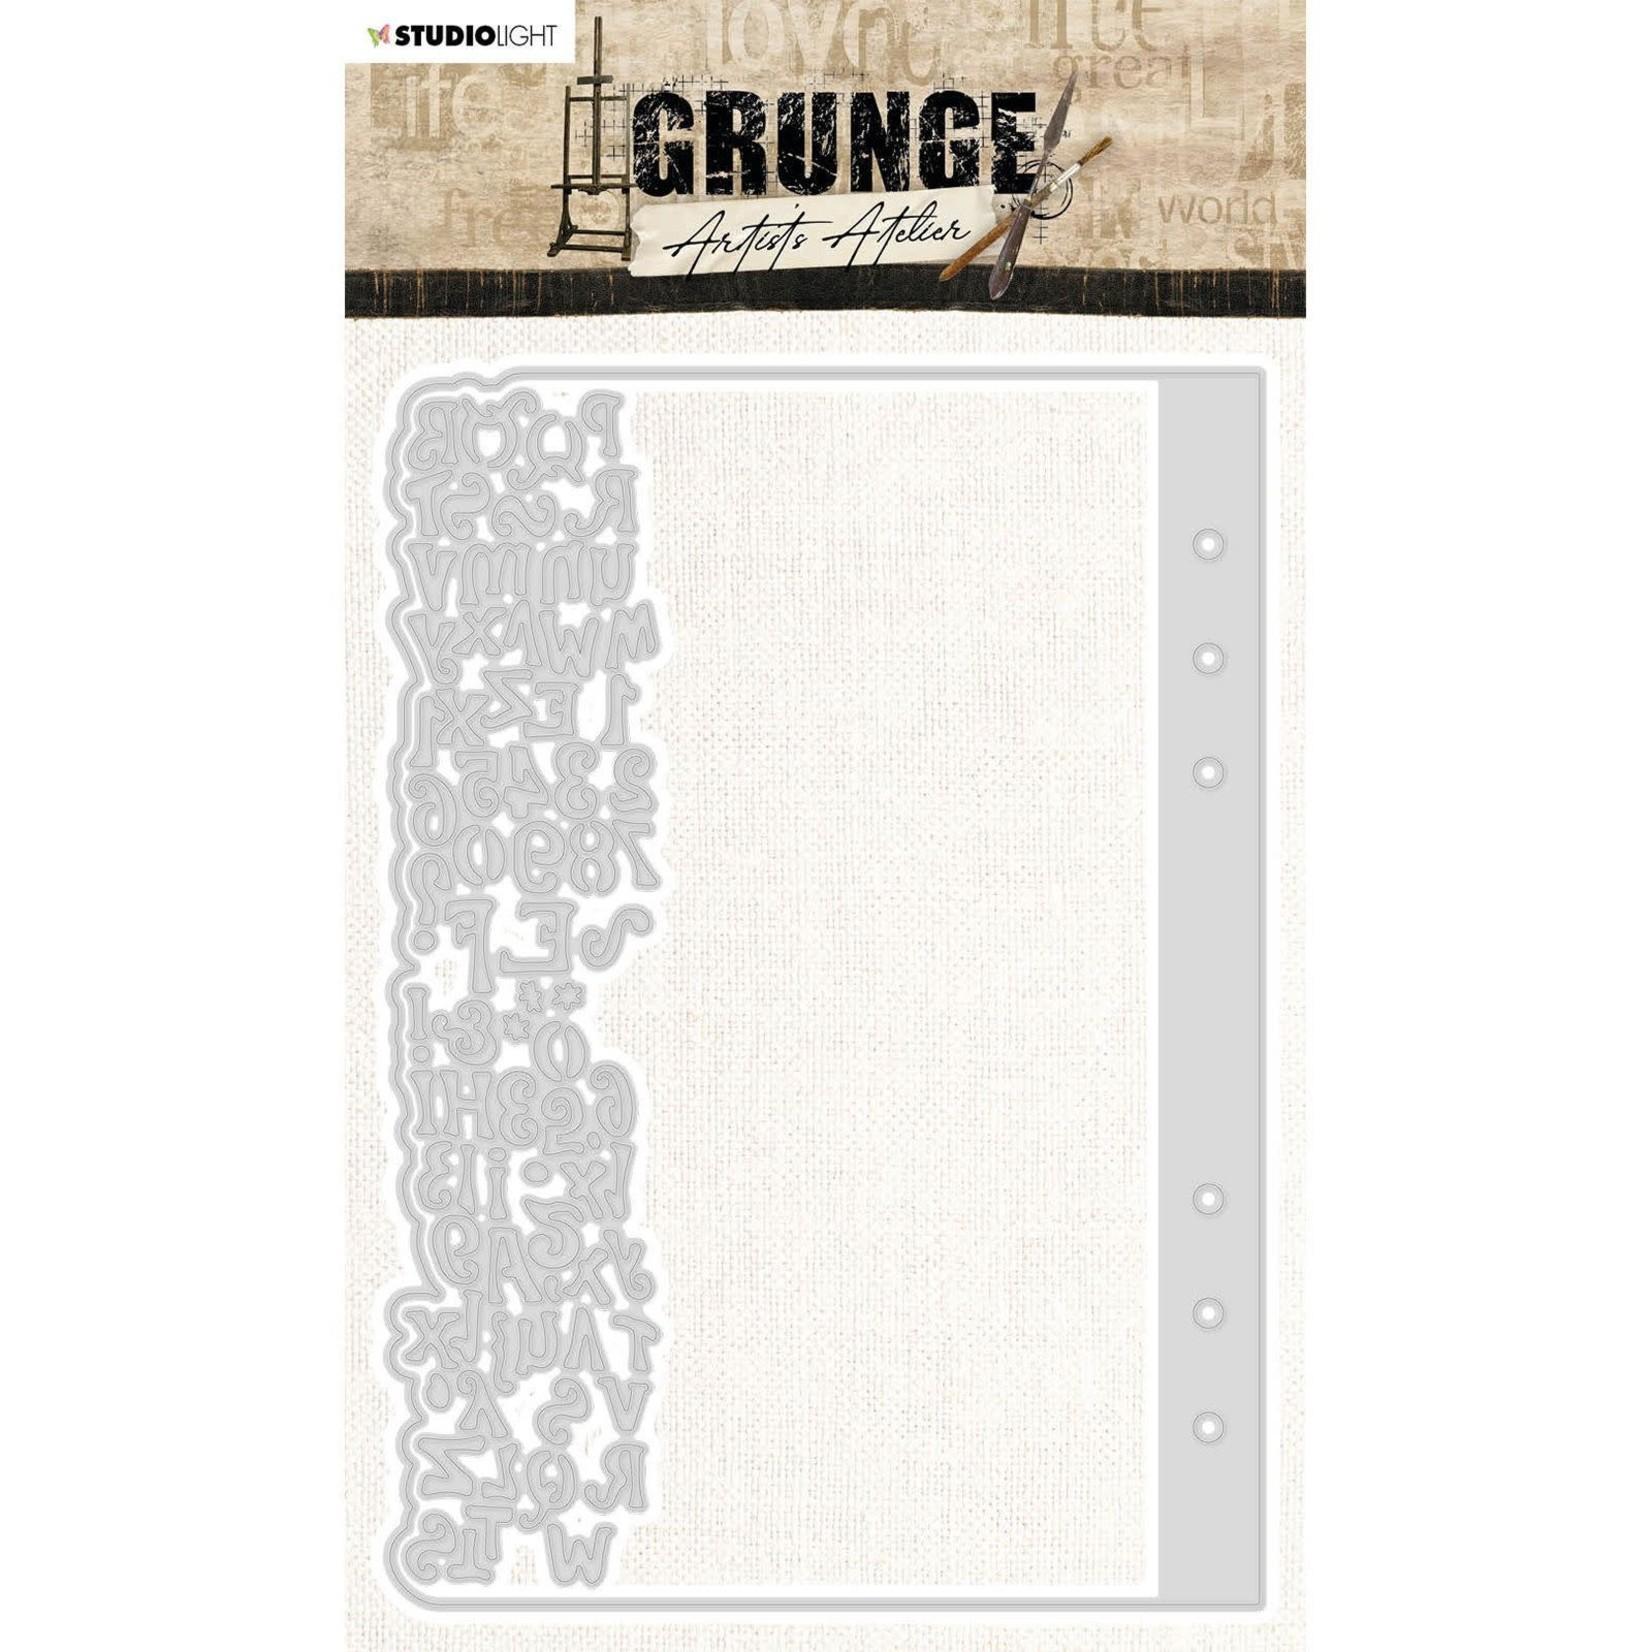 Studio Light Studio Light - Grunge Artist's Atelier -  Essentials Cutting Dies - Planner Page - SL-GR-CD25